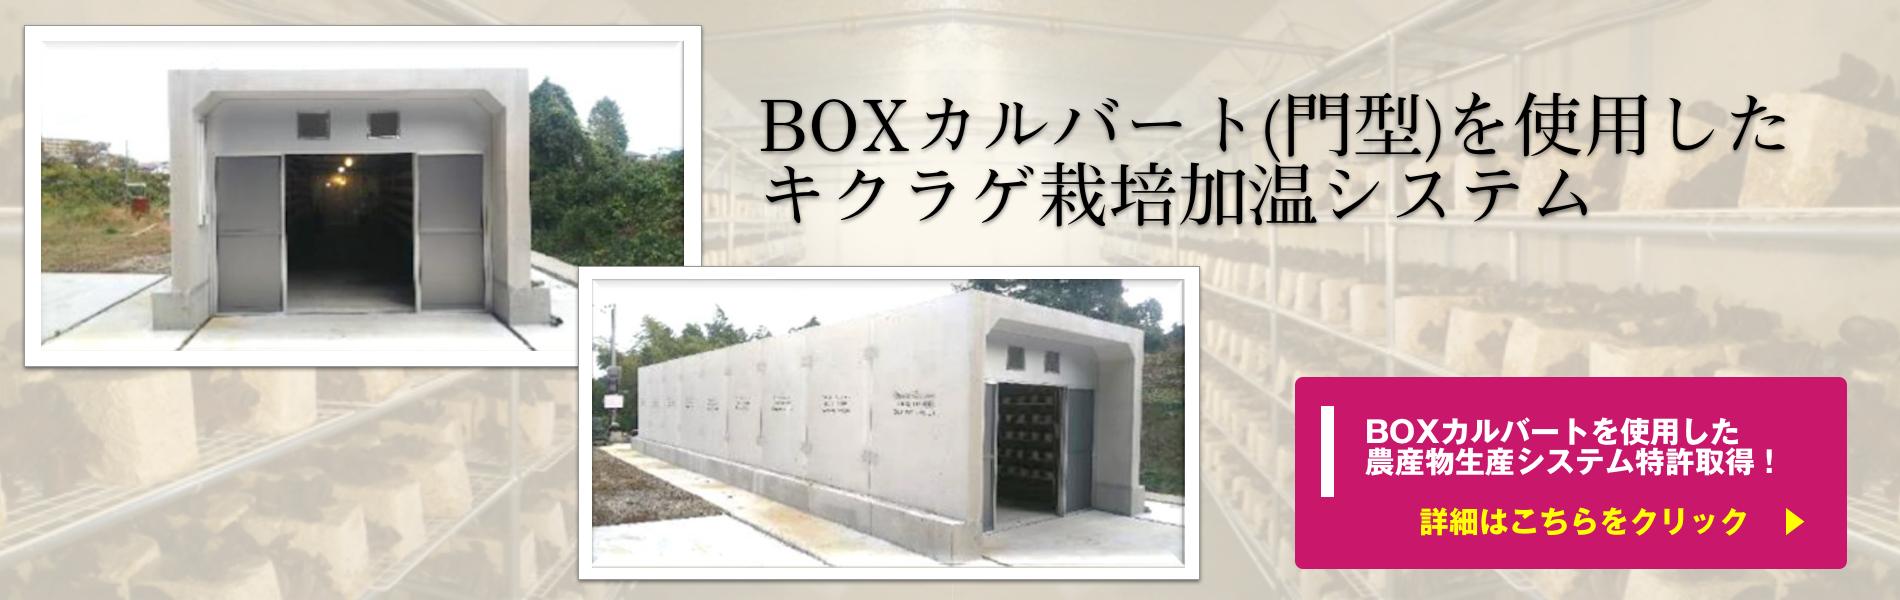 BOXカルバート(門型)を使用したキクラゲ栽培加温システム